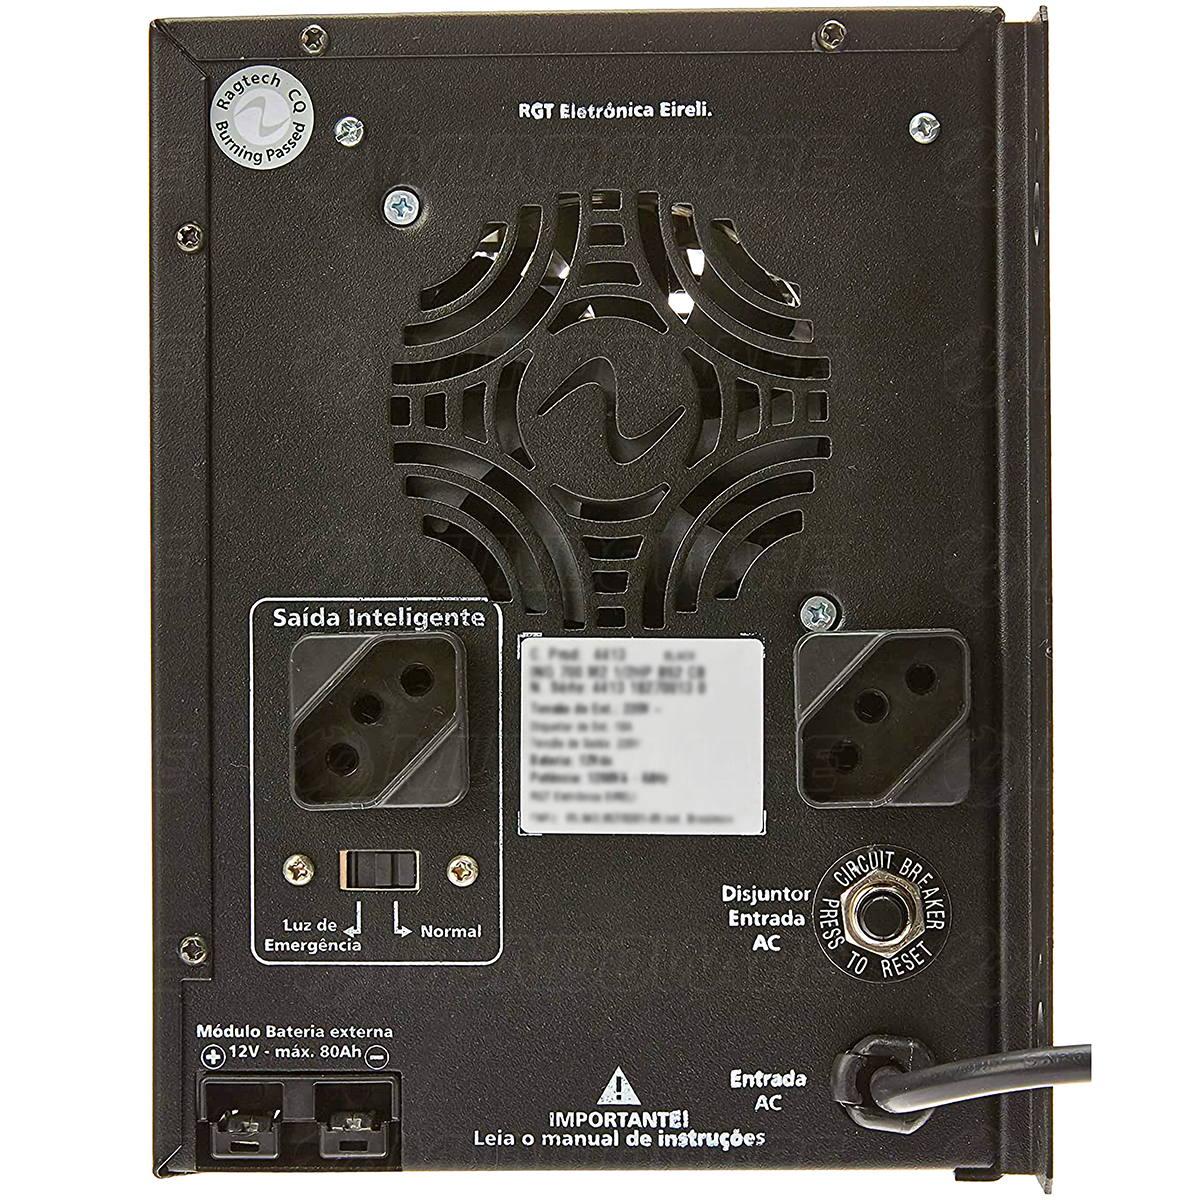 Nobreak de Portão Eletrônico Senoidal 1HP 1200VA E.127/220V S.115V Sem Bateria Interna com Engate Externo Ragtech 4410